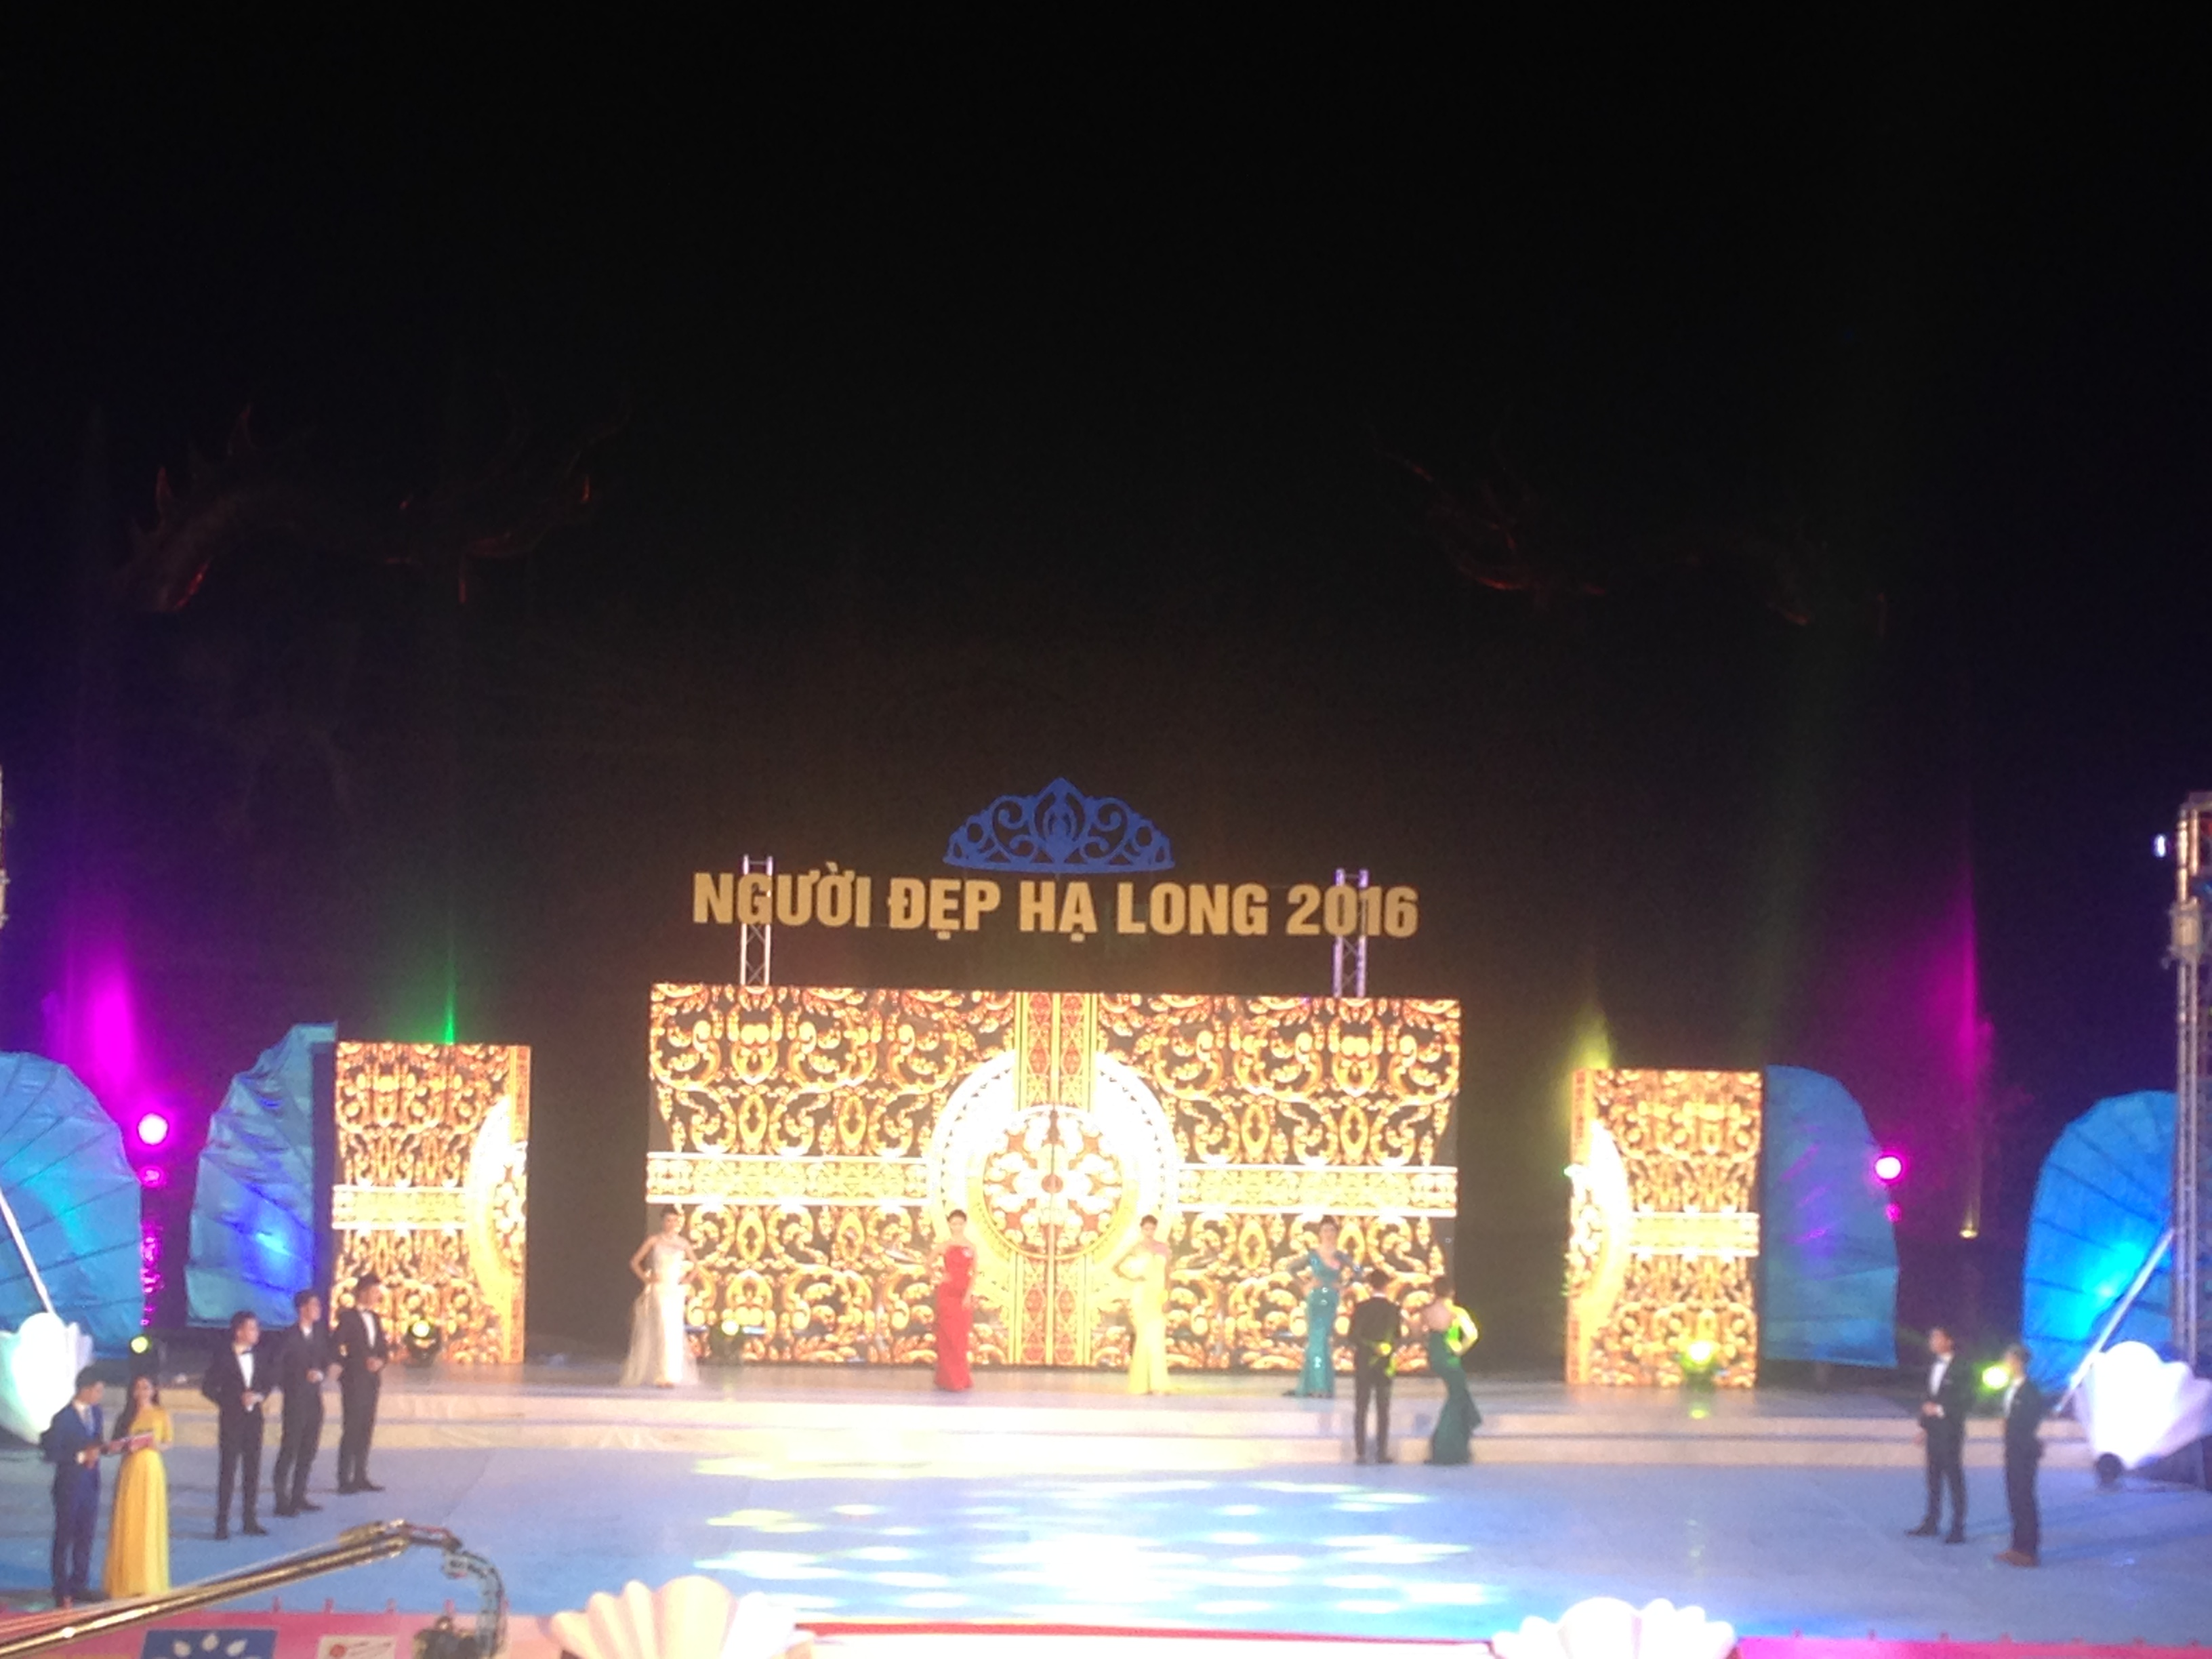 Người đẹp Hạ Long 2016 - sự kiện văn hóa tiêu biểu của tỉnh Quảng Ninh